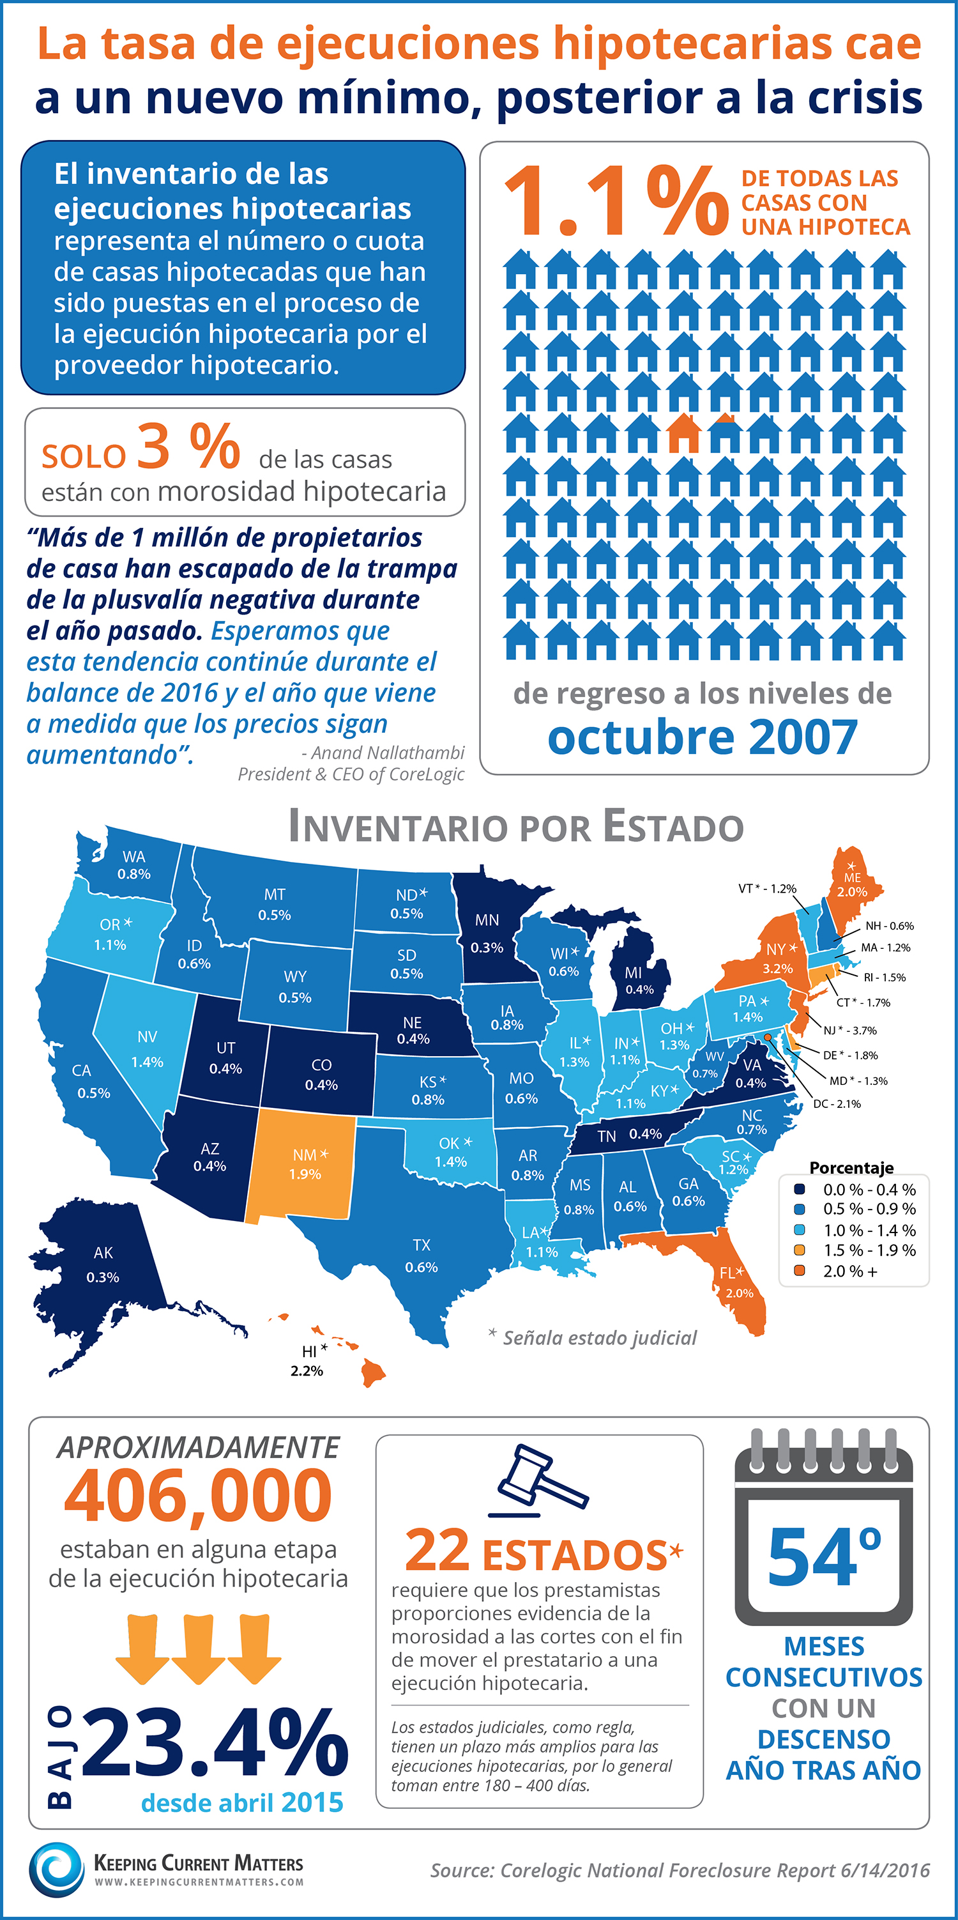 La tasa de ejecuciones hipotecarias cae a un nuevo mínimo, posterior a la crisis [infografía] | Keeping Current Matters